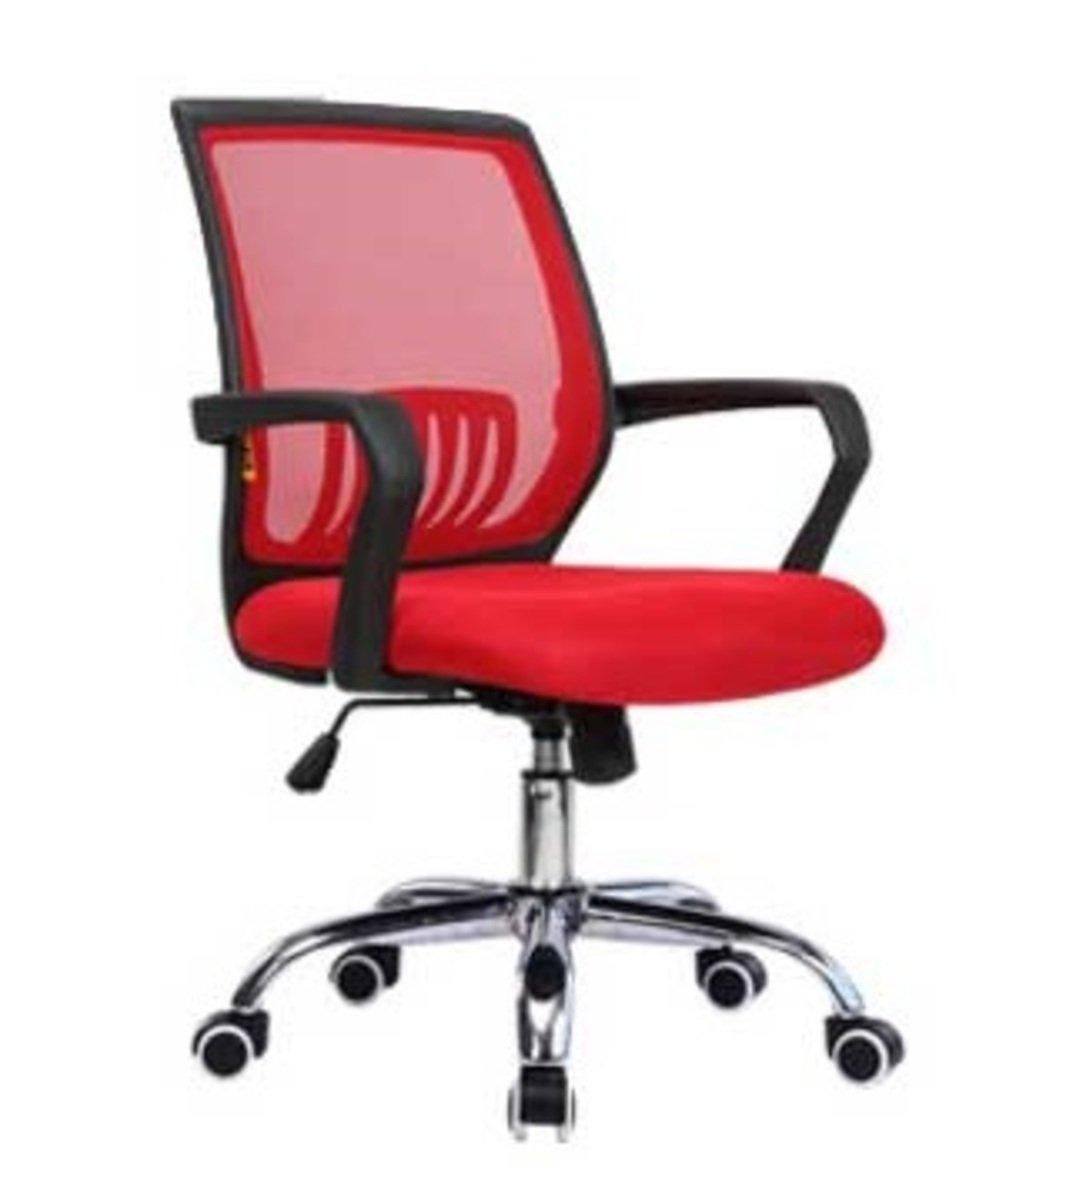 人體工學辦公椅-黑框(大紅色)